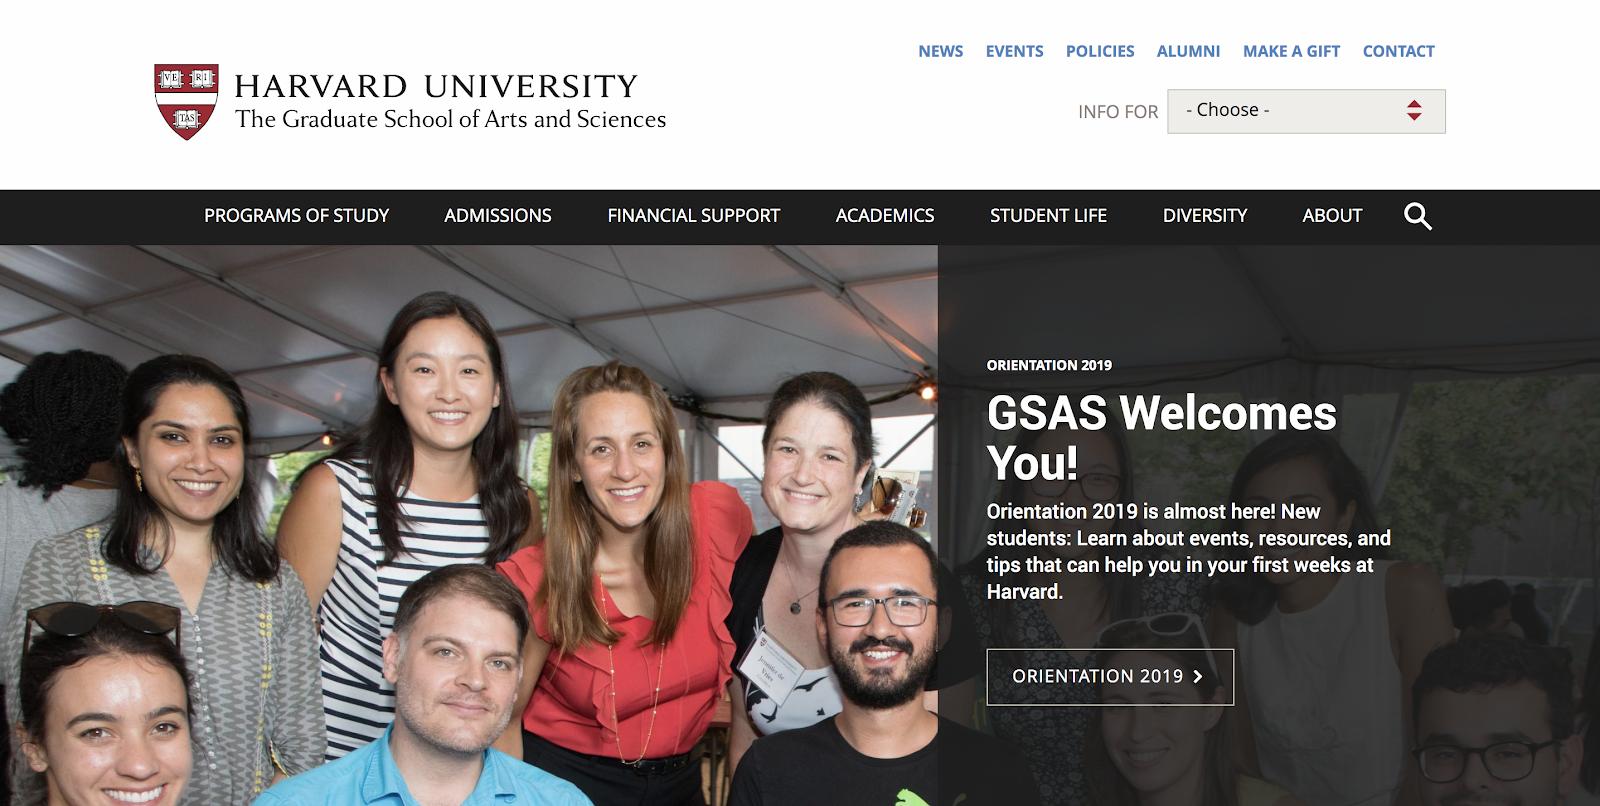 Harvard Website Built on Free Blogging Site Joomla Screenshot